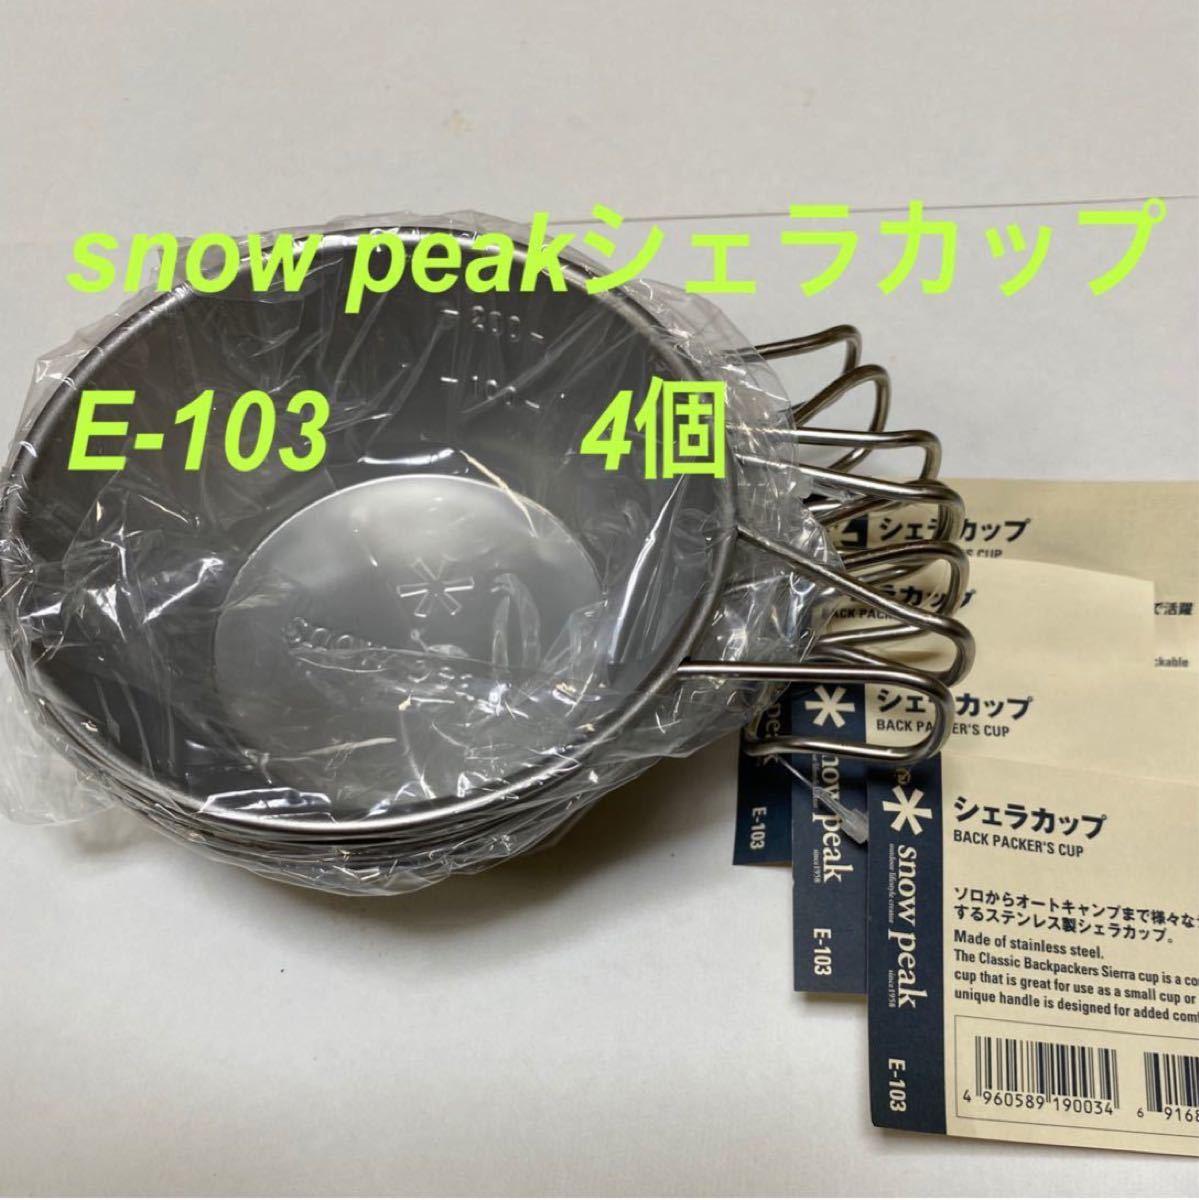 スノーピーク snow peak シェラカップ 4個 E-103